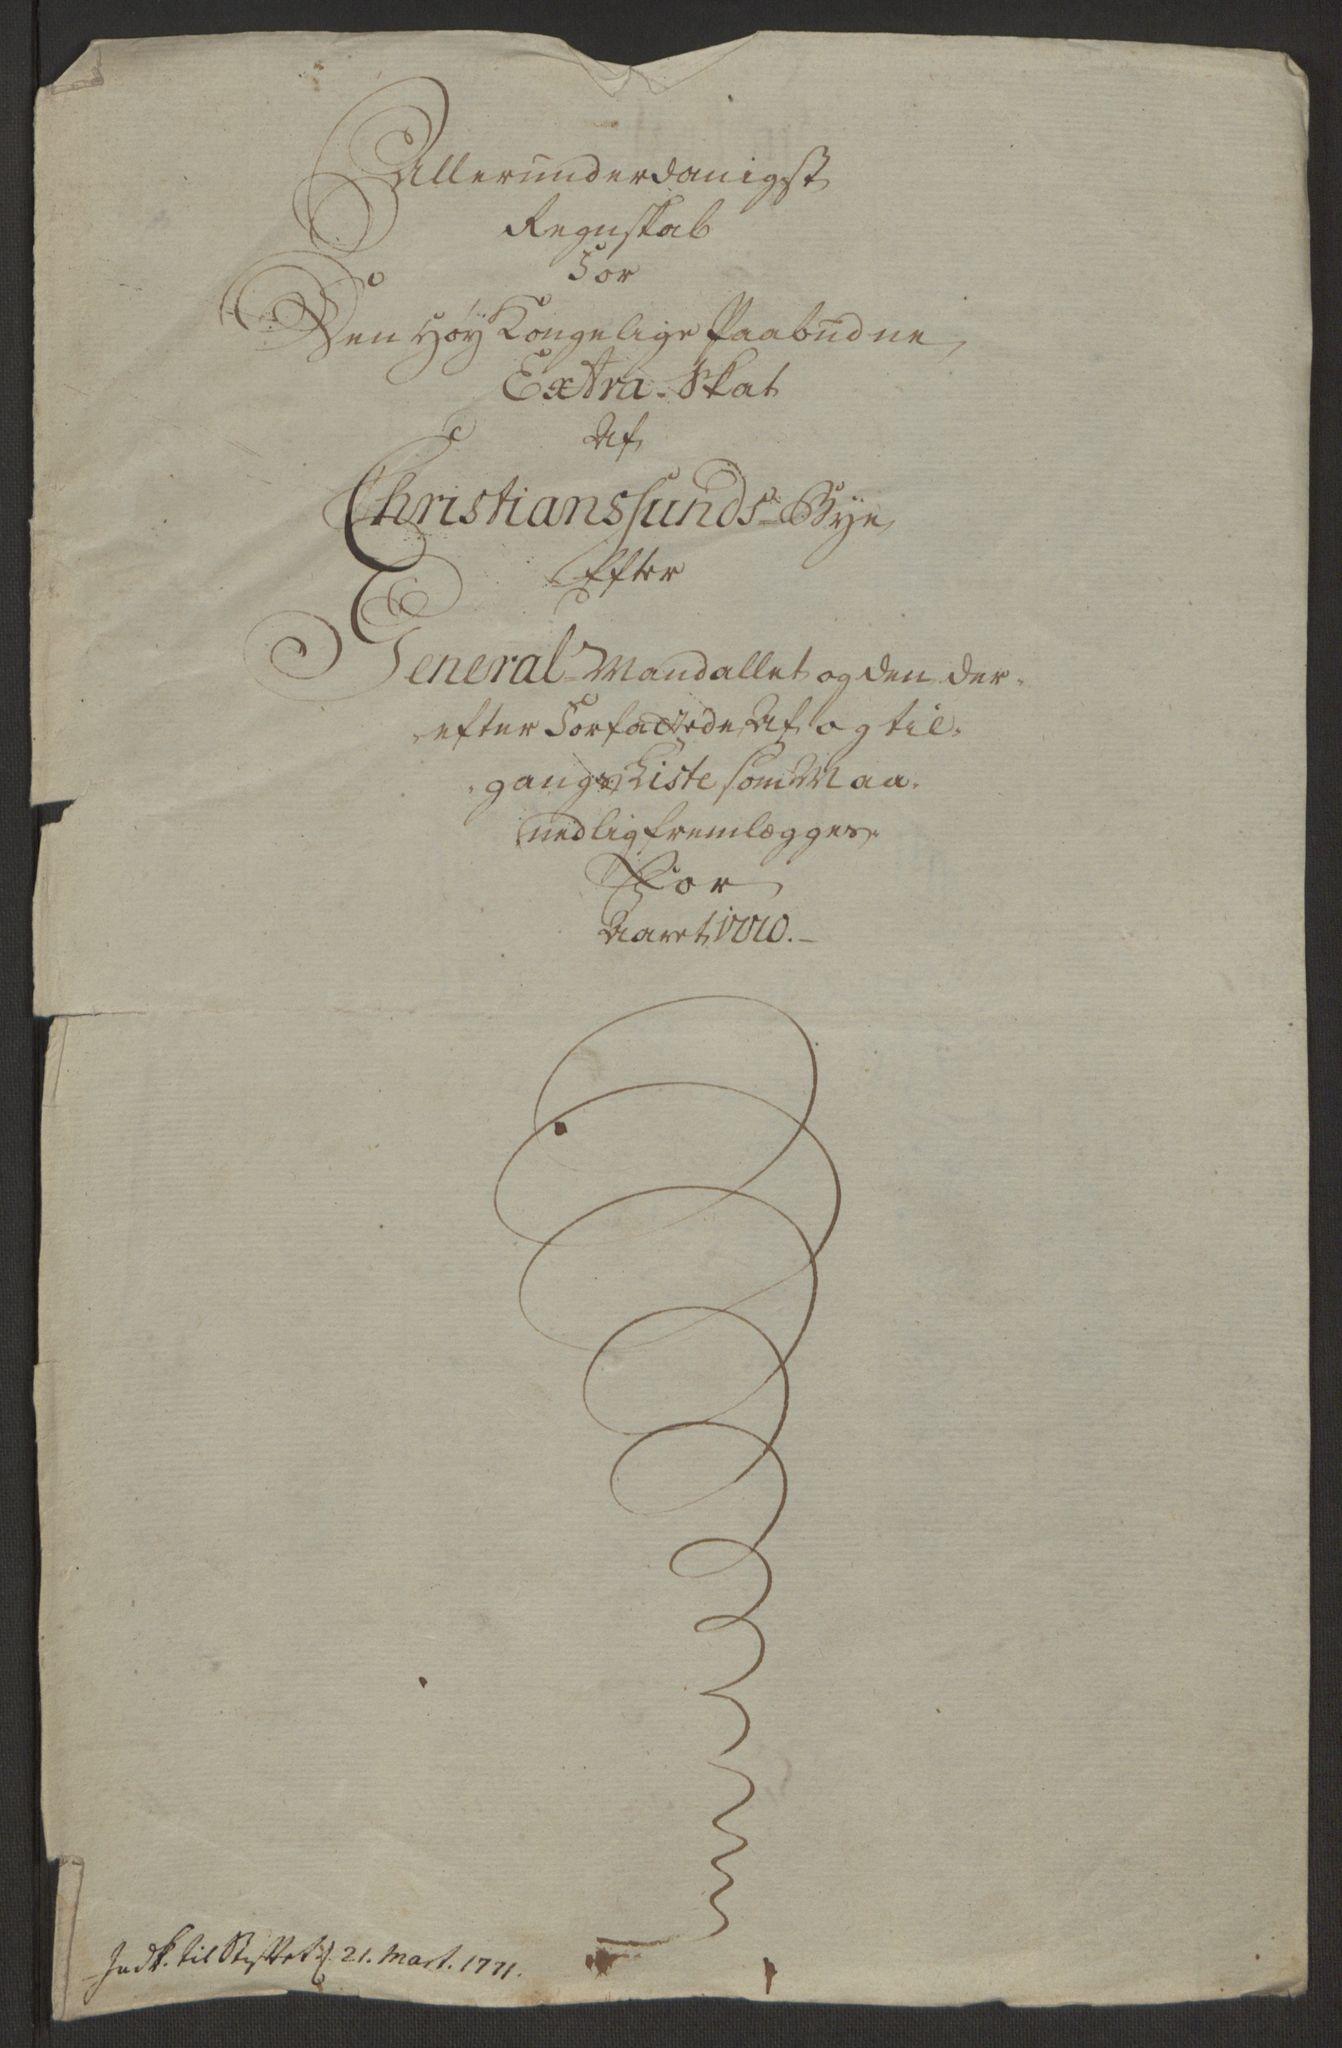 RA, Rentekammeret inntil 1814, Reviderte regnskaper, Byregnskaper, R/Rr/L0495: [R1] Kontribusjonsregnskap, 1762-1772, s. 225